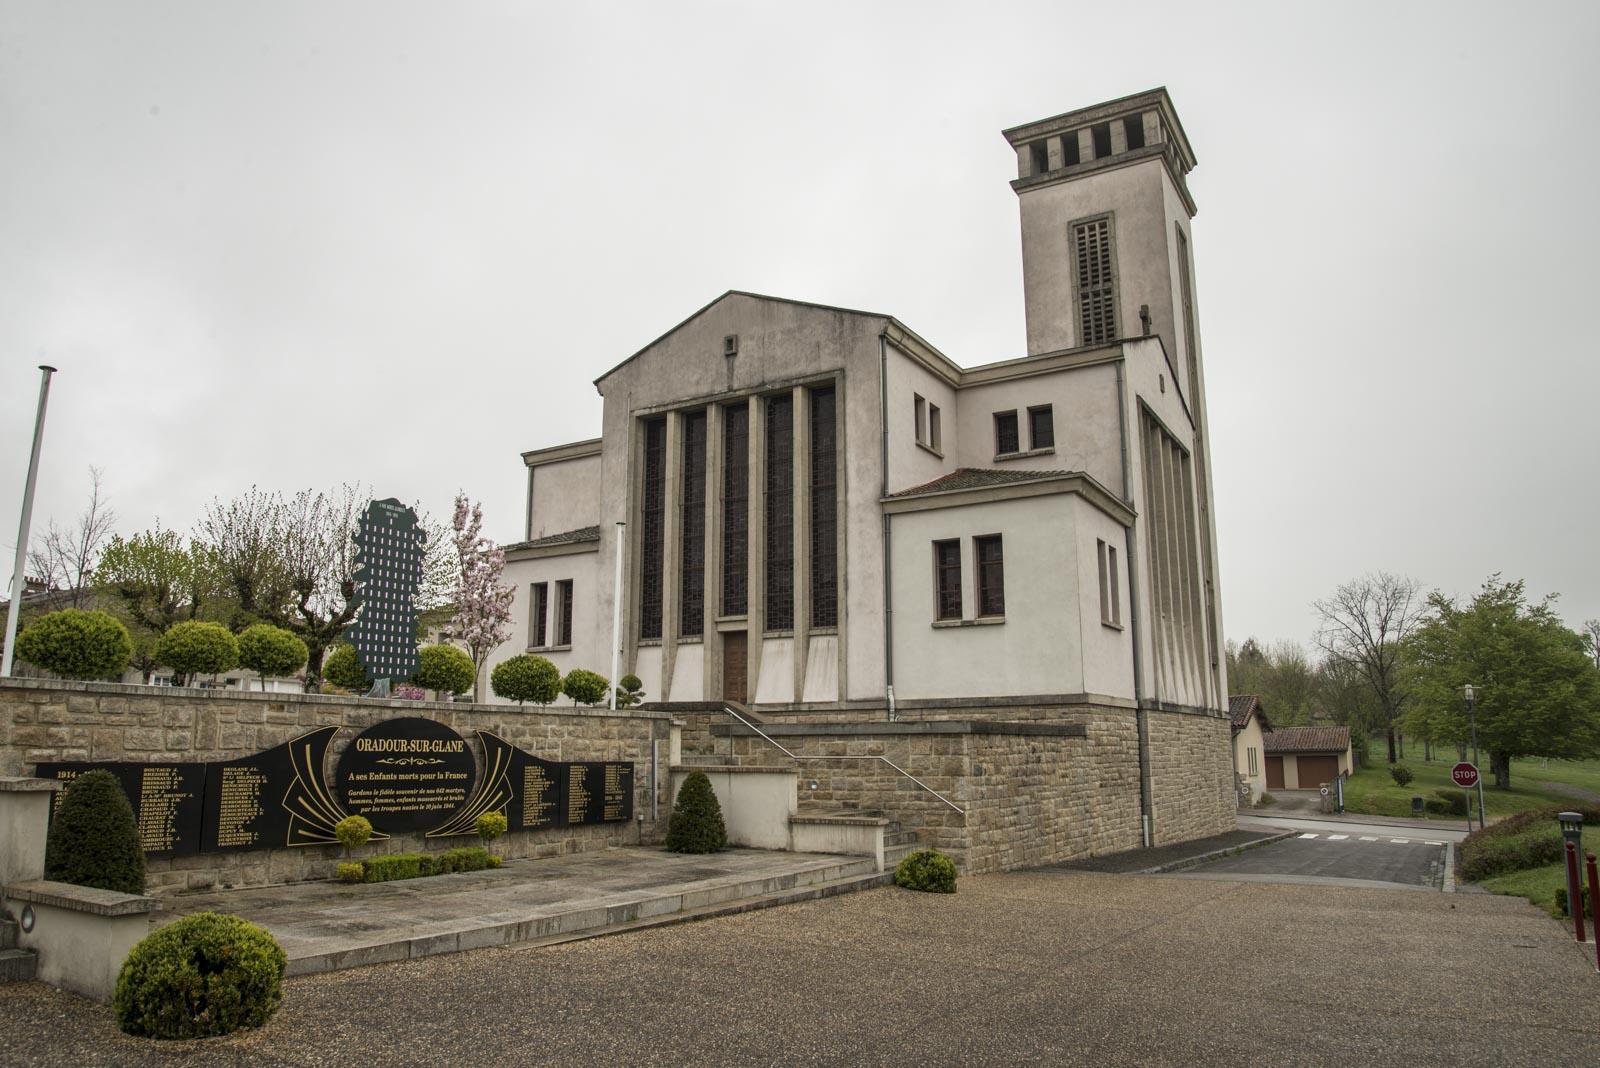 Ved kirken i den nye byen er det også et minnesmerke over dem som falt i strid under første verdenskrig. Byen ble hardt rammet også den gang